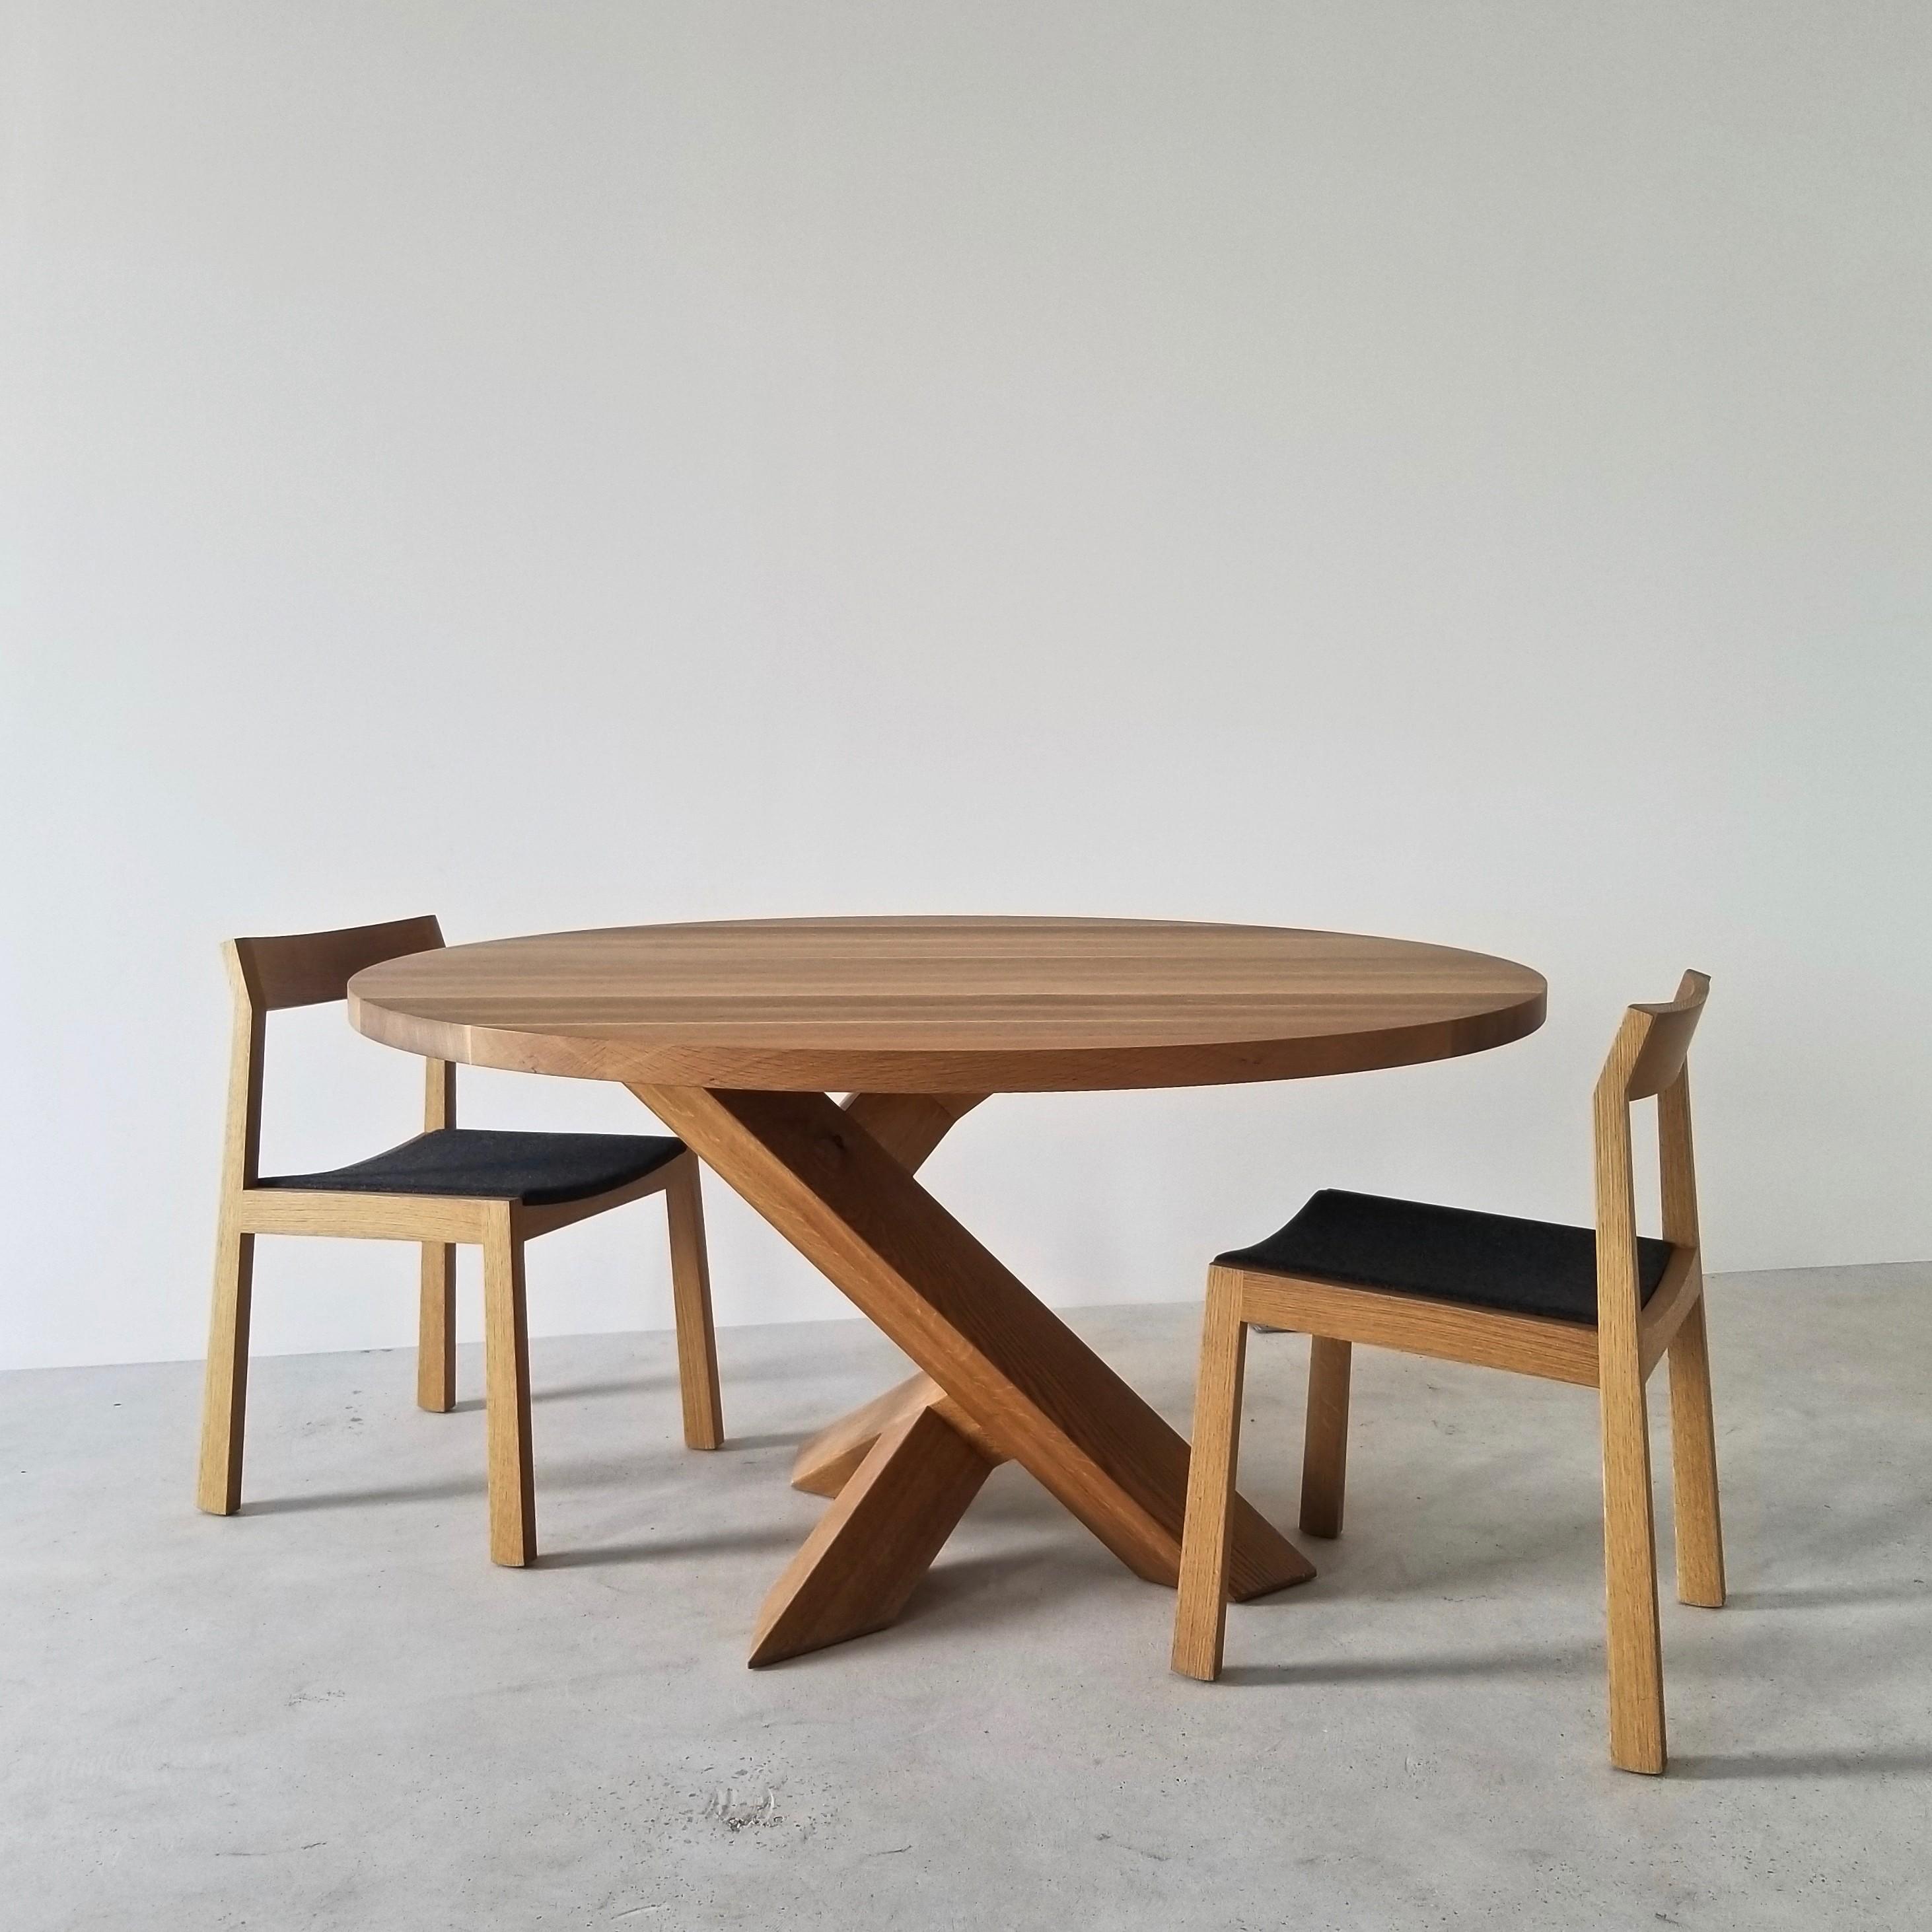 Iconoclast-Single-Leg Table